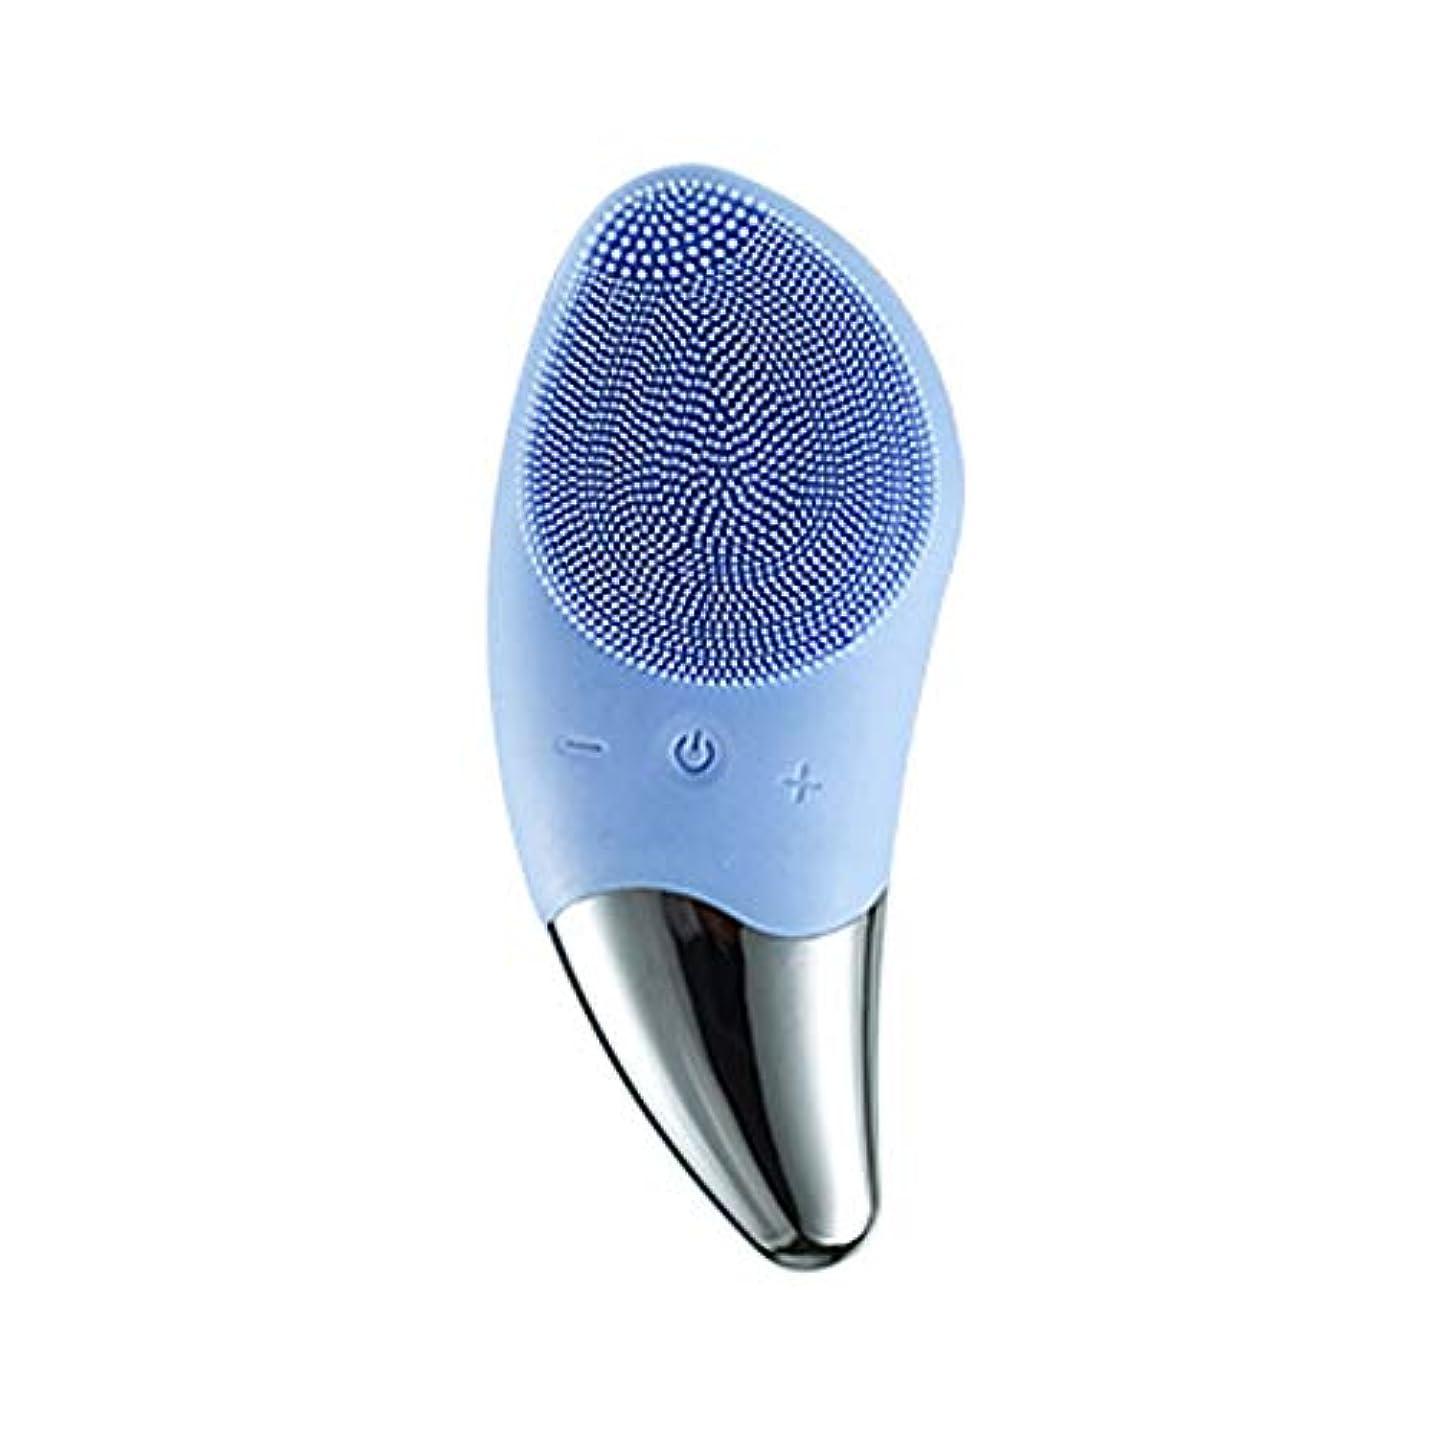 球体晩餐ぶどうLYX オールスキンタイプクリーナーエレクトリックシリコーンクリーナー洗顔ケアマッサージ美容インストゥルメント (Color : 青)